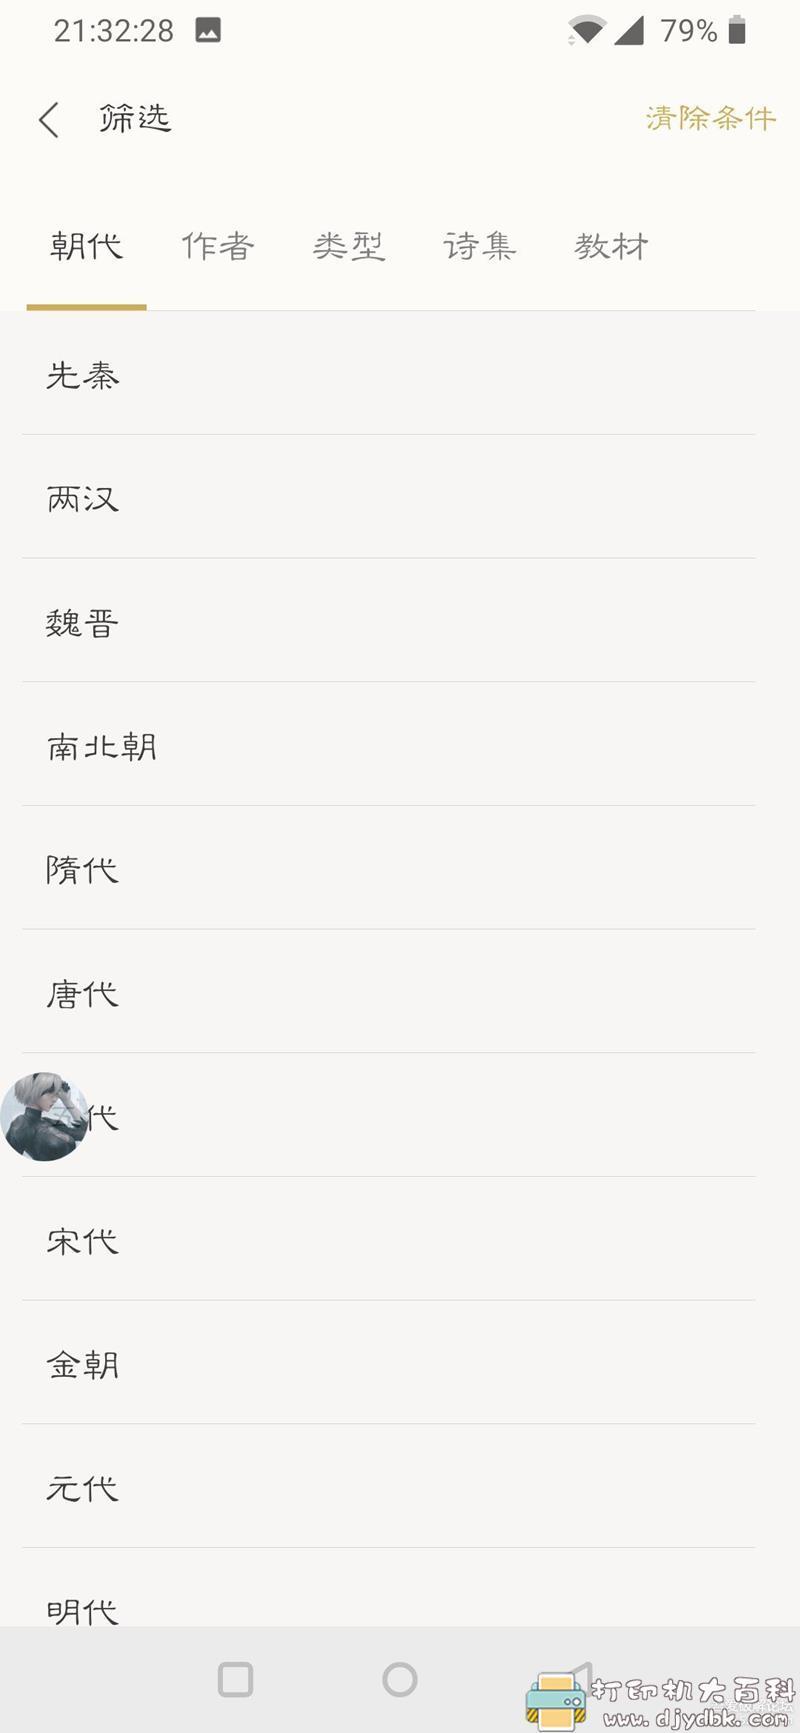 [Android]古诗词典 3.5.6,学生党学诗词辅助工具 配图 No.3